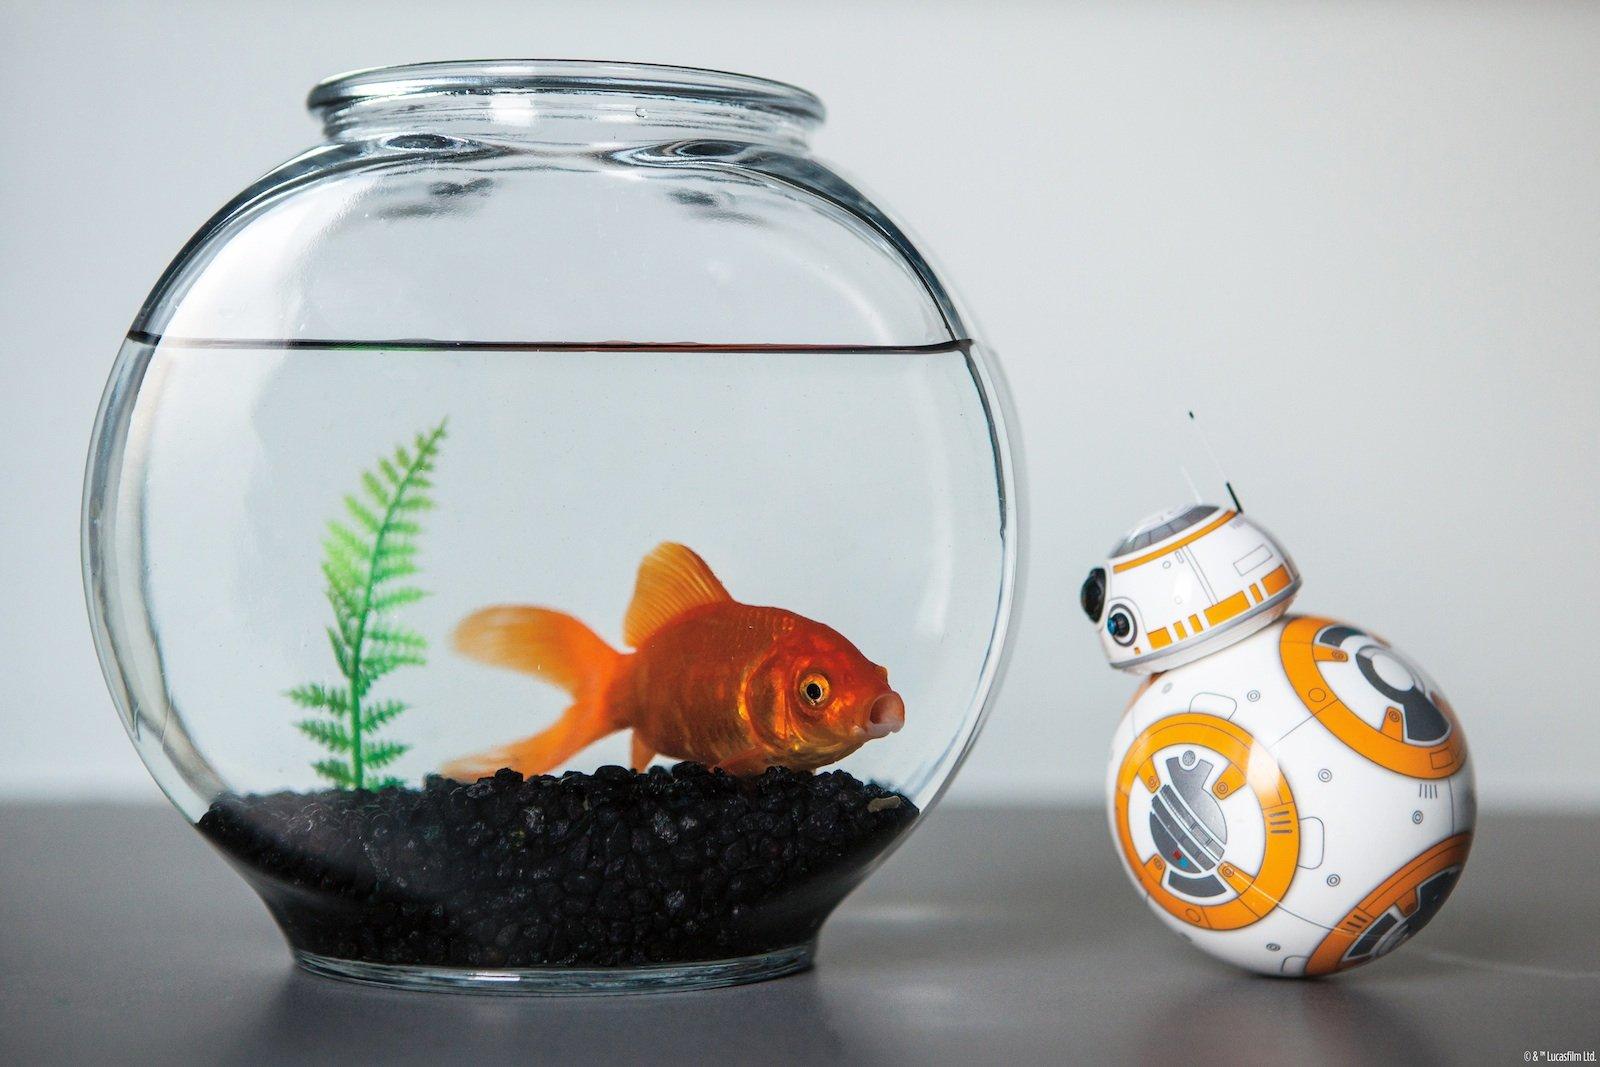 """Der jüngsten Star-Wars-Produktion entsprungen:Roboter BB-8.Das Unternehmen Sphero hat den sympathischen, kugeligen Roboter aus """"Das Erwachen der Macht""""im Kleinformat nachgebaut."""